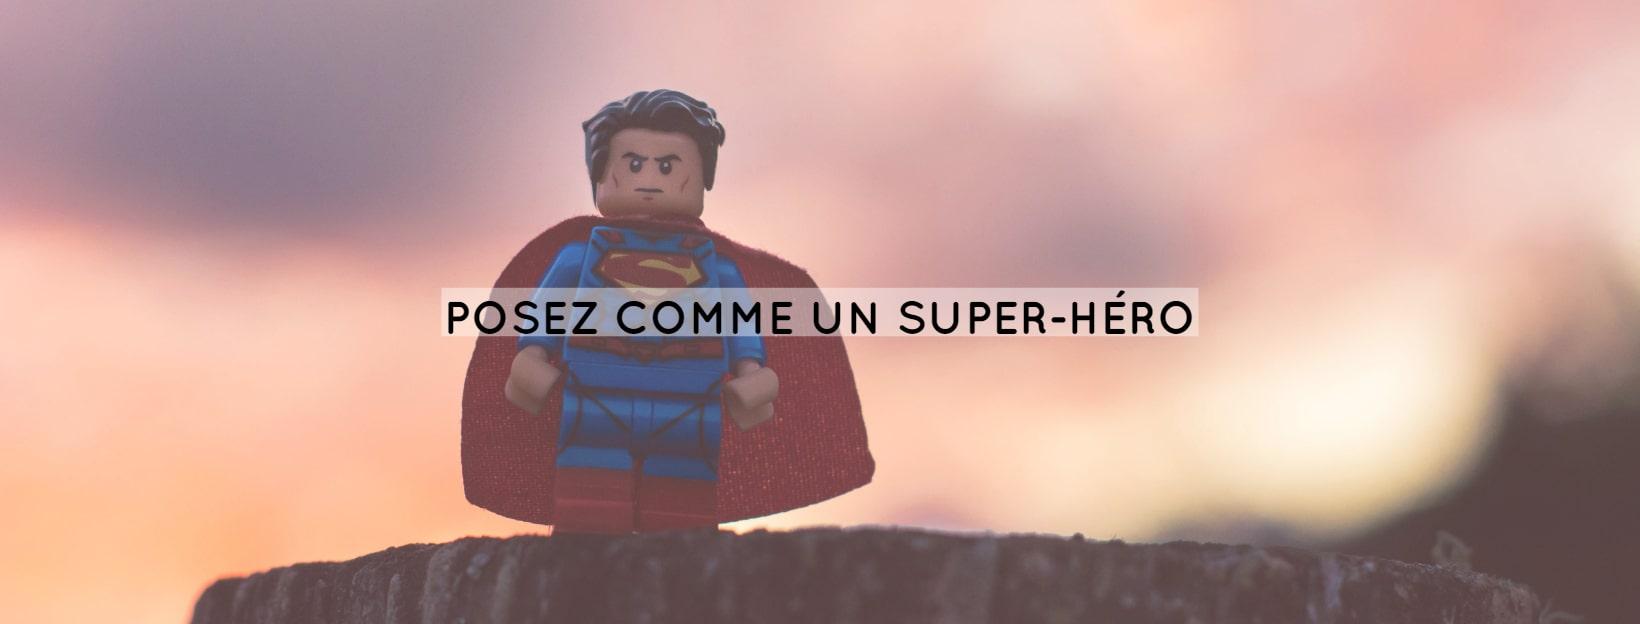 posez comme un super-héro